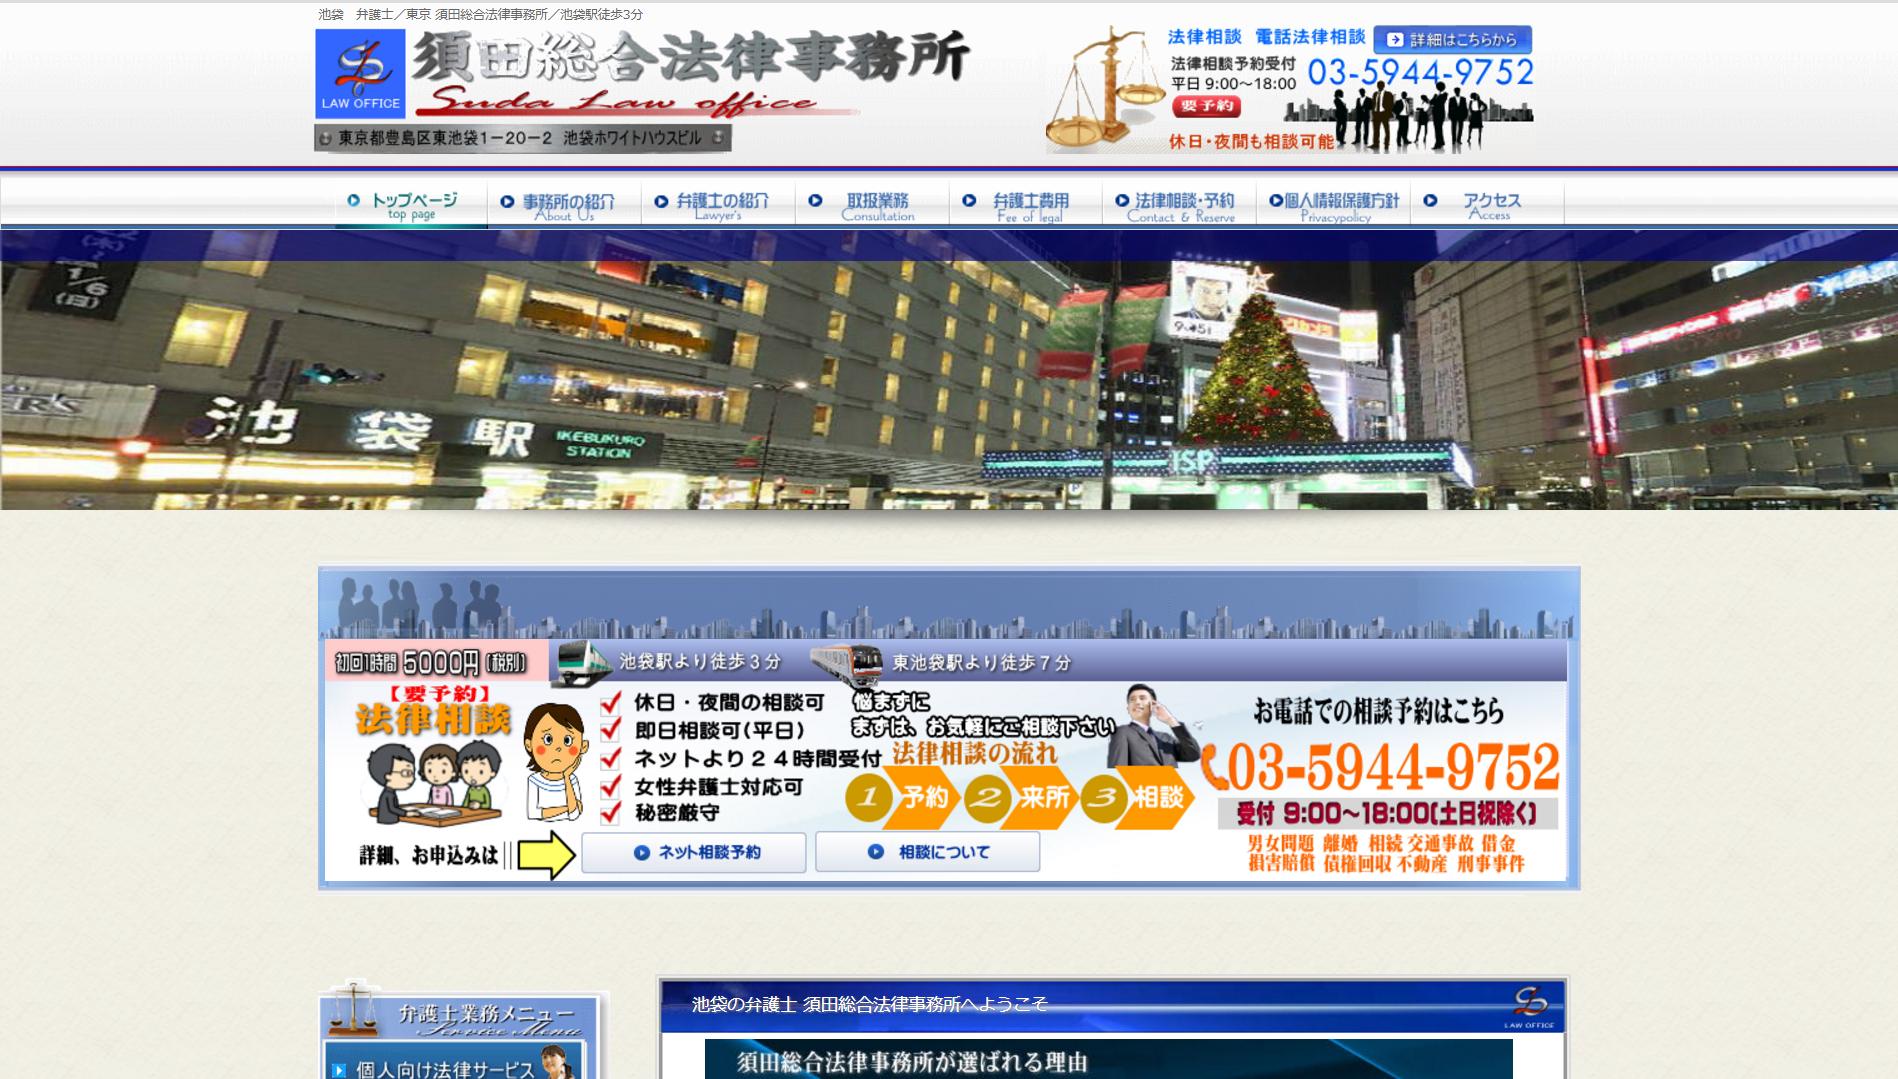 須田法律事務所